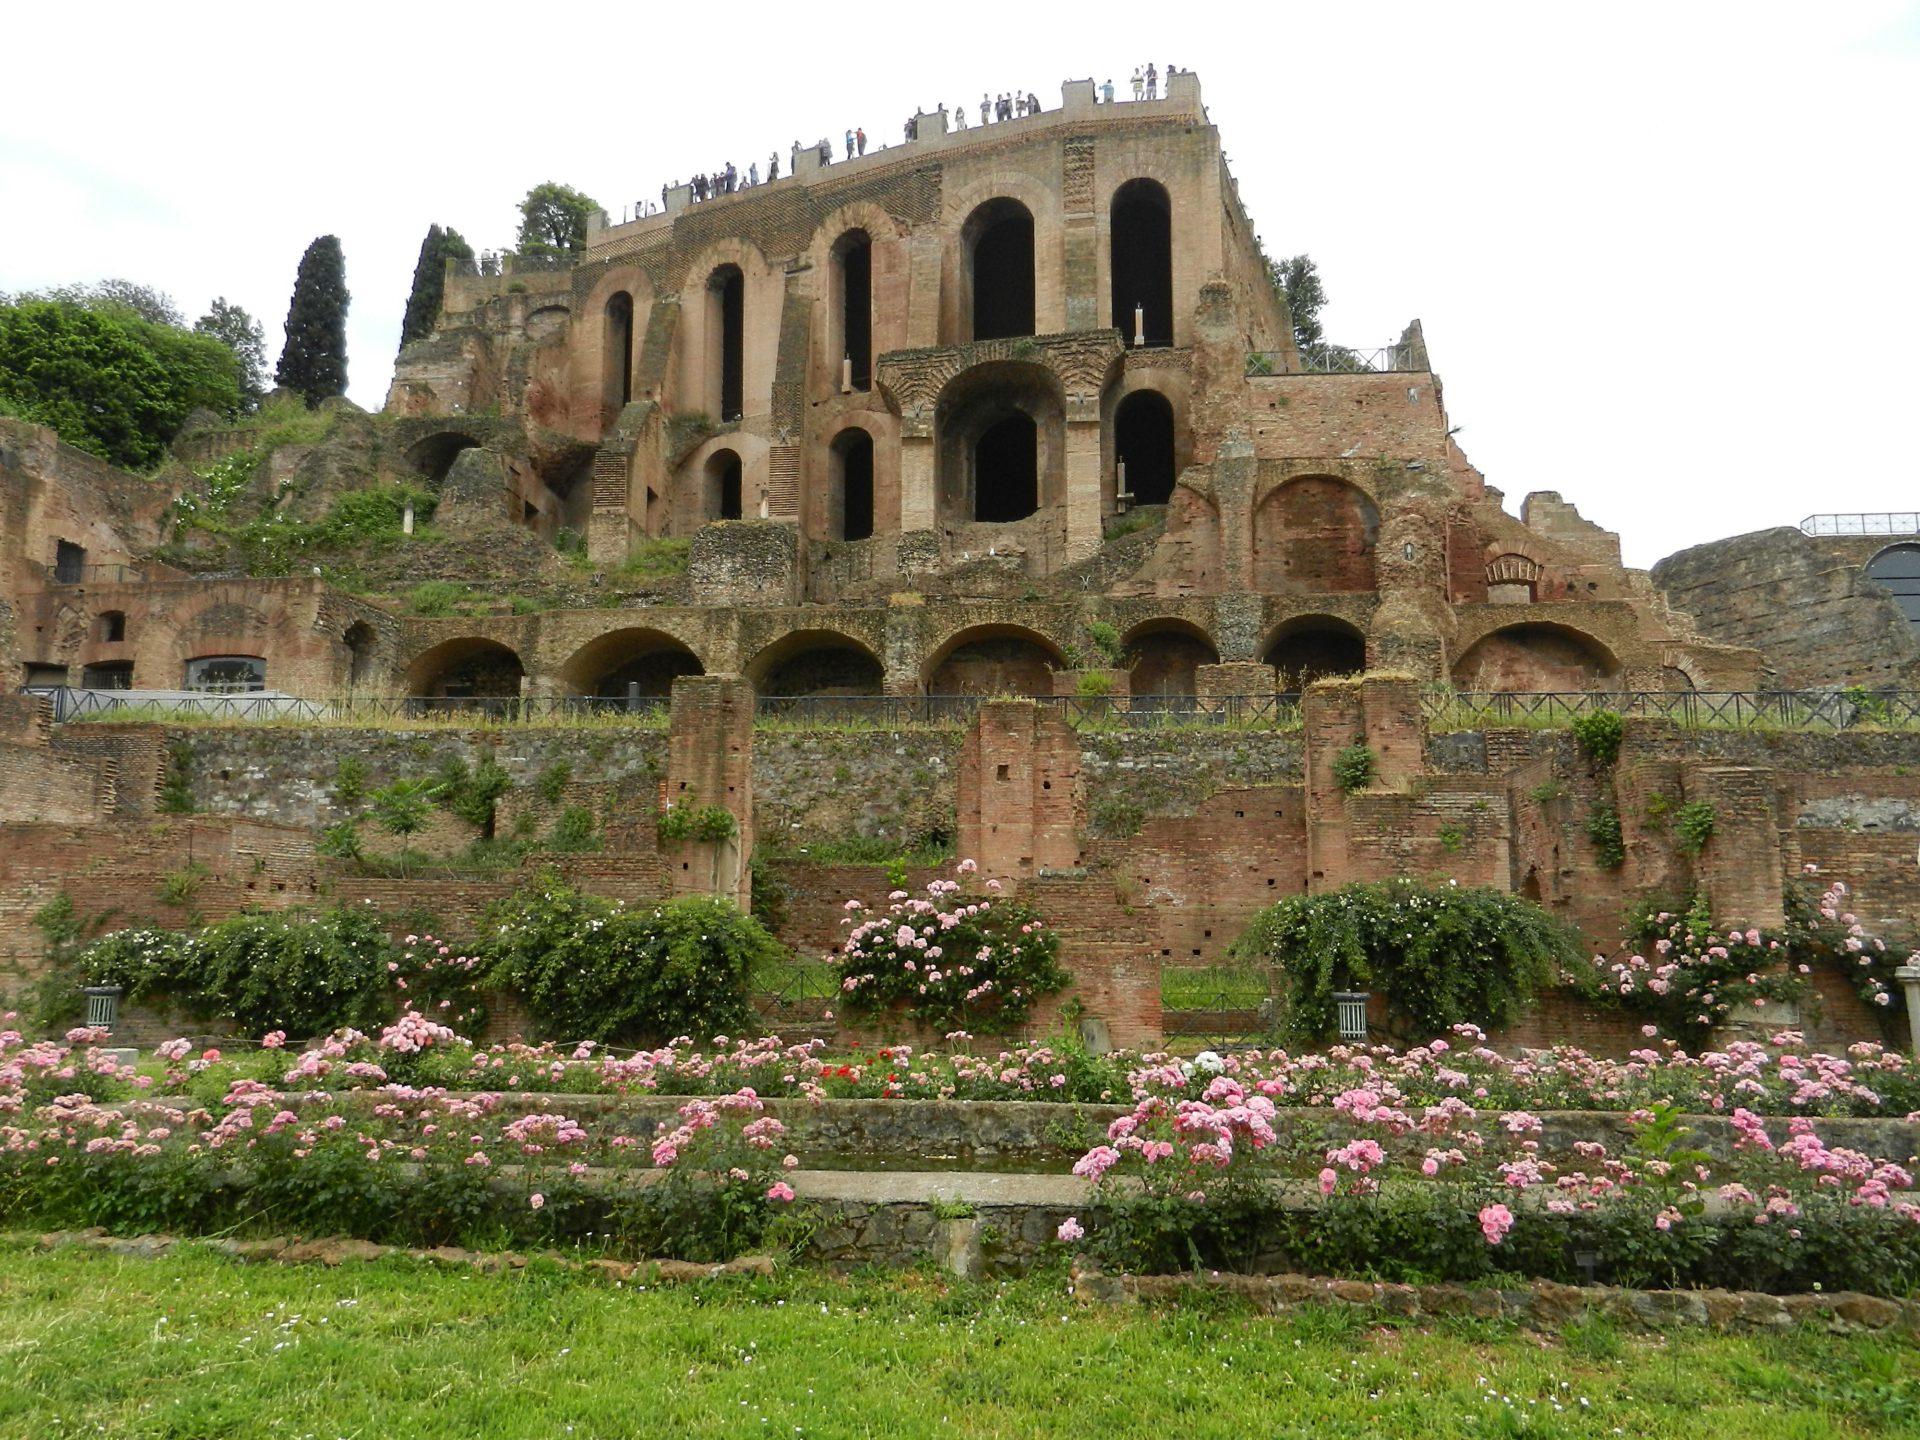 Domus tiberiana palatine hill rome italy the for Domus address